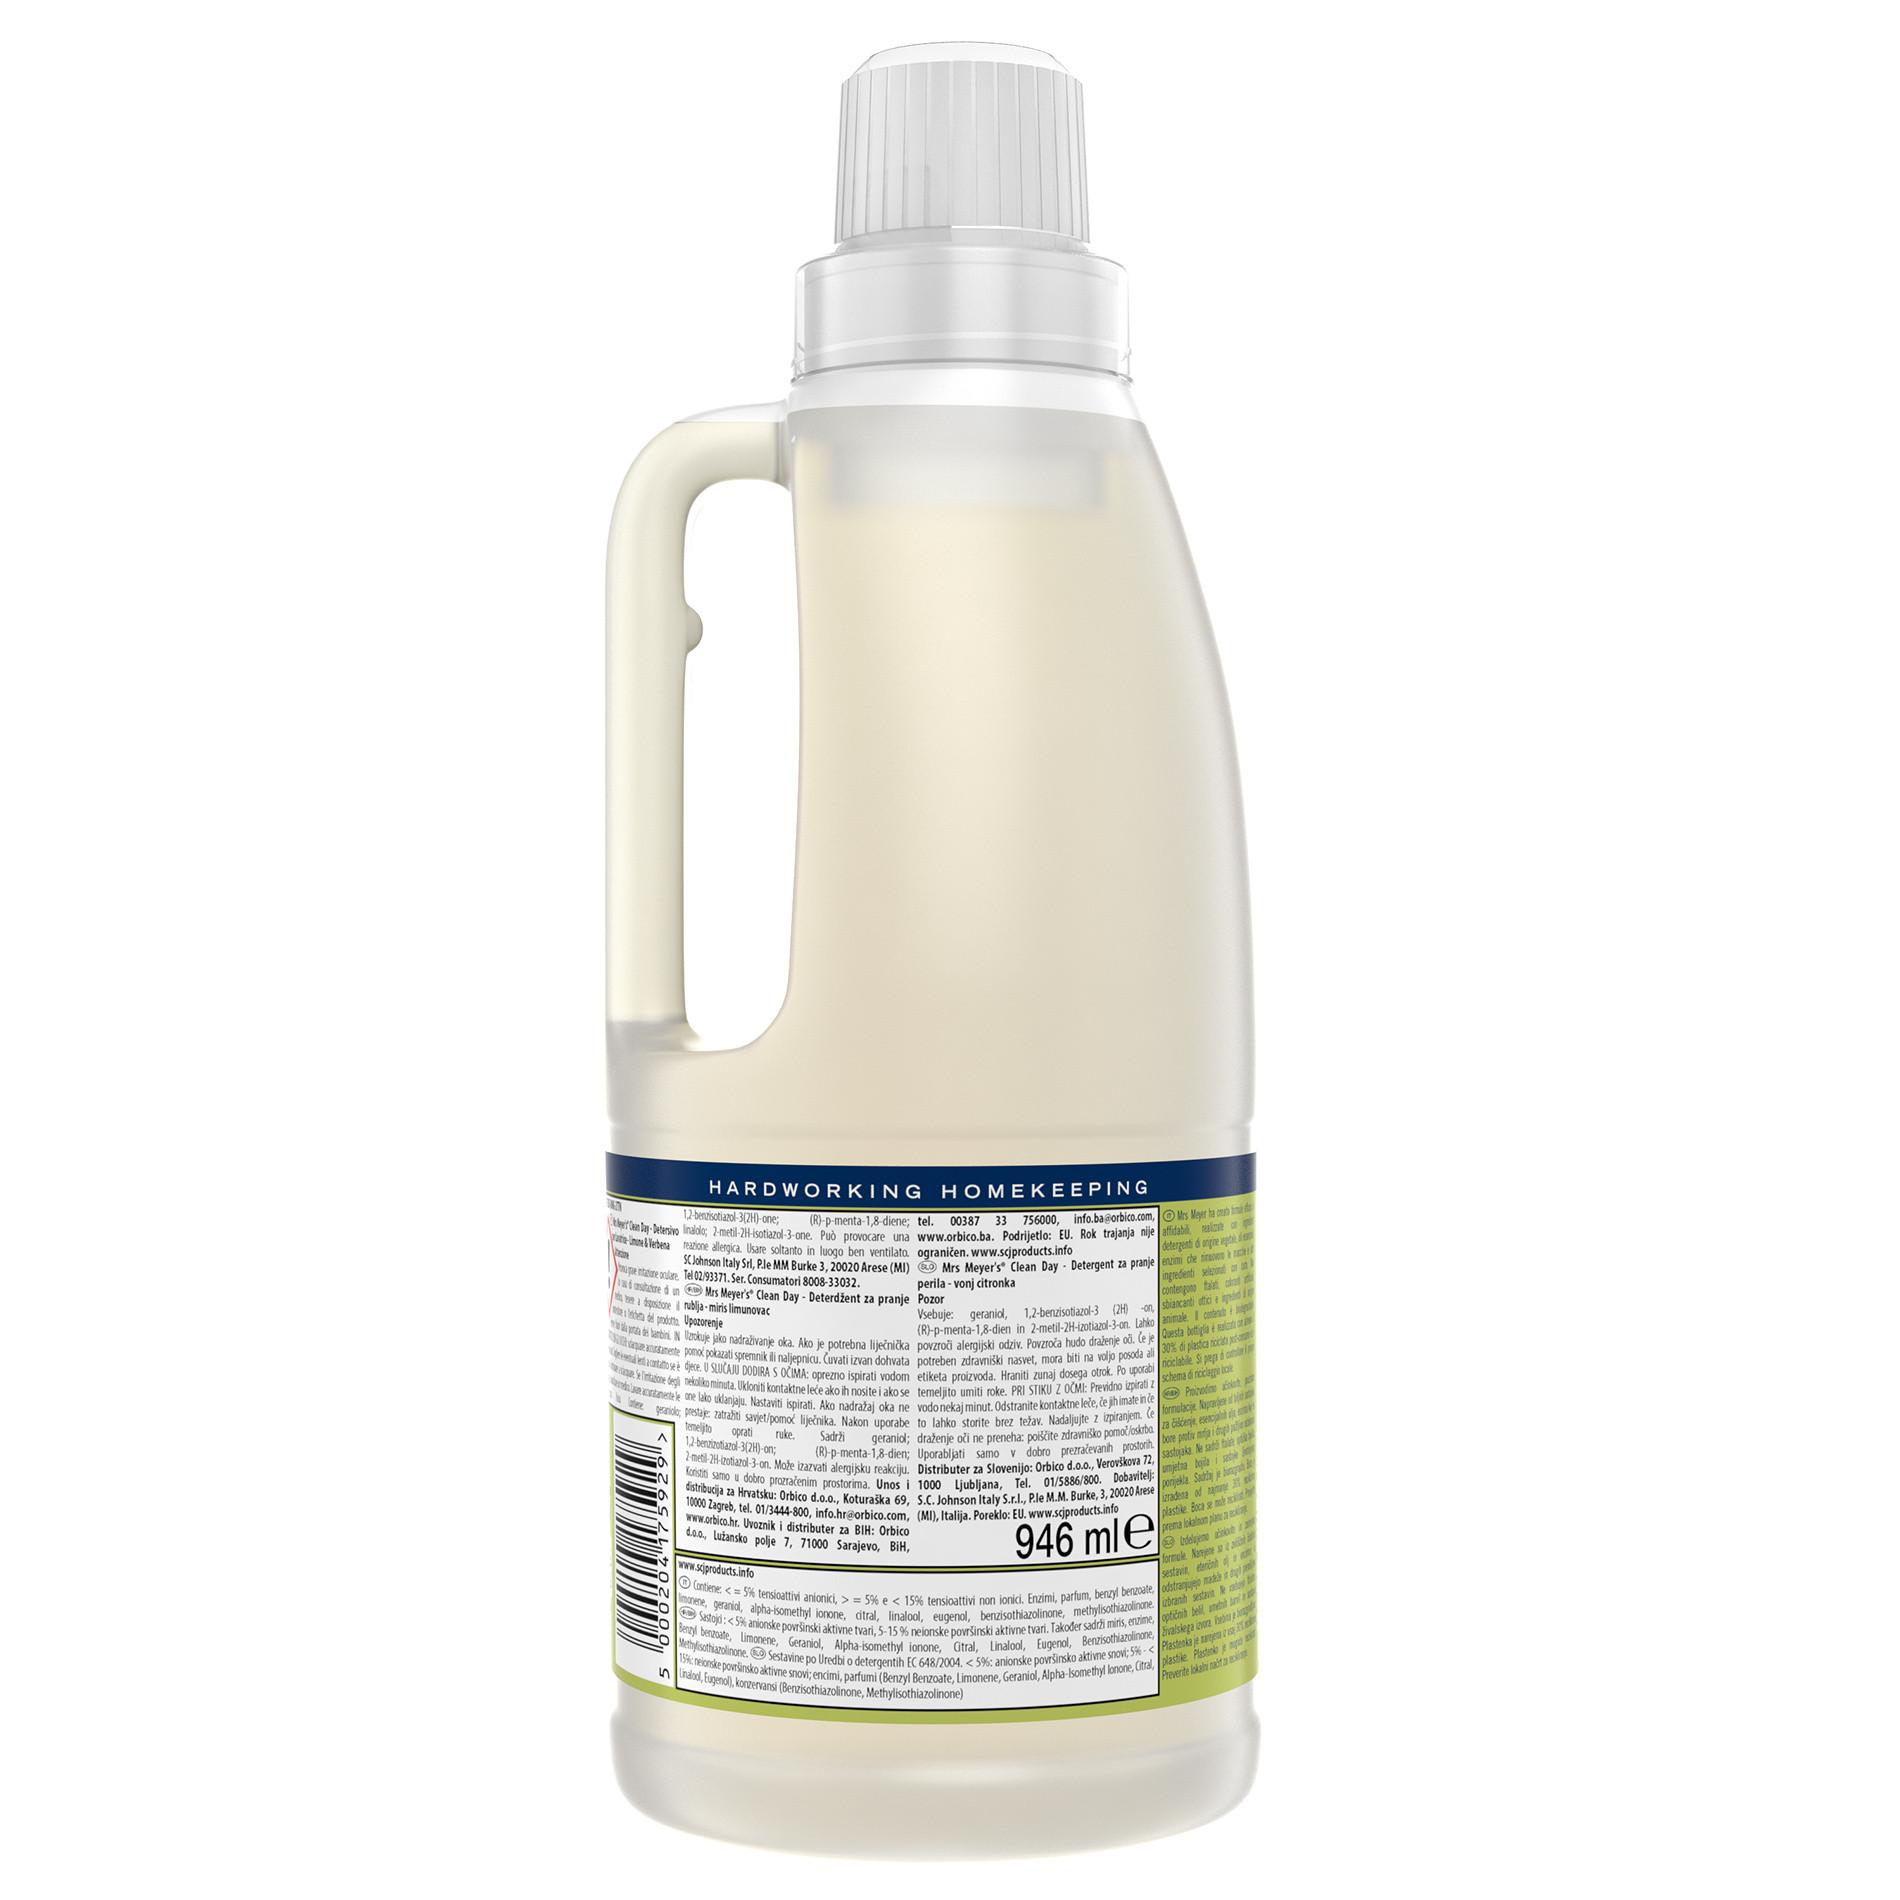 Detersivo per lavatrice profumo di limone 1.8l, Giallo scuro, large image number 1